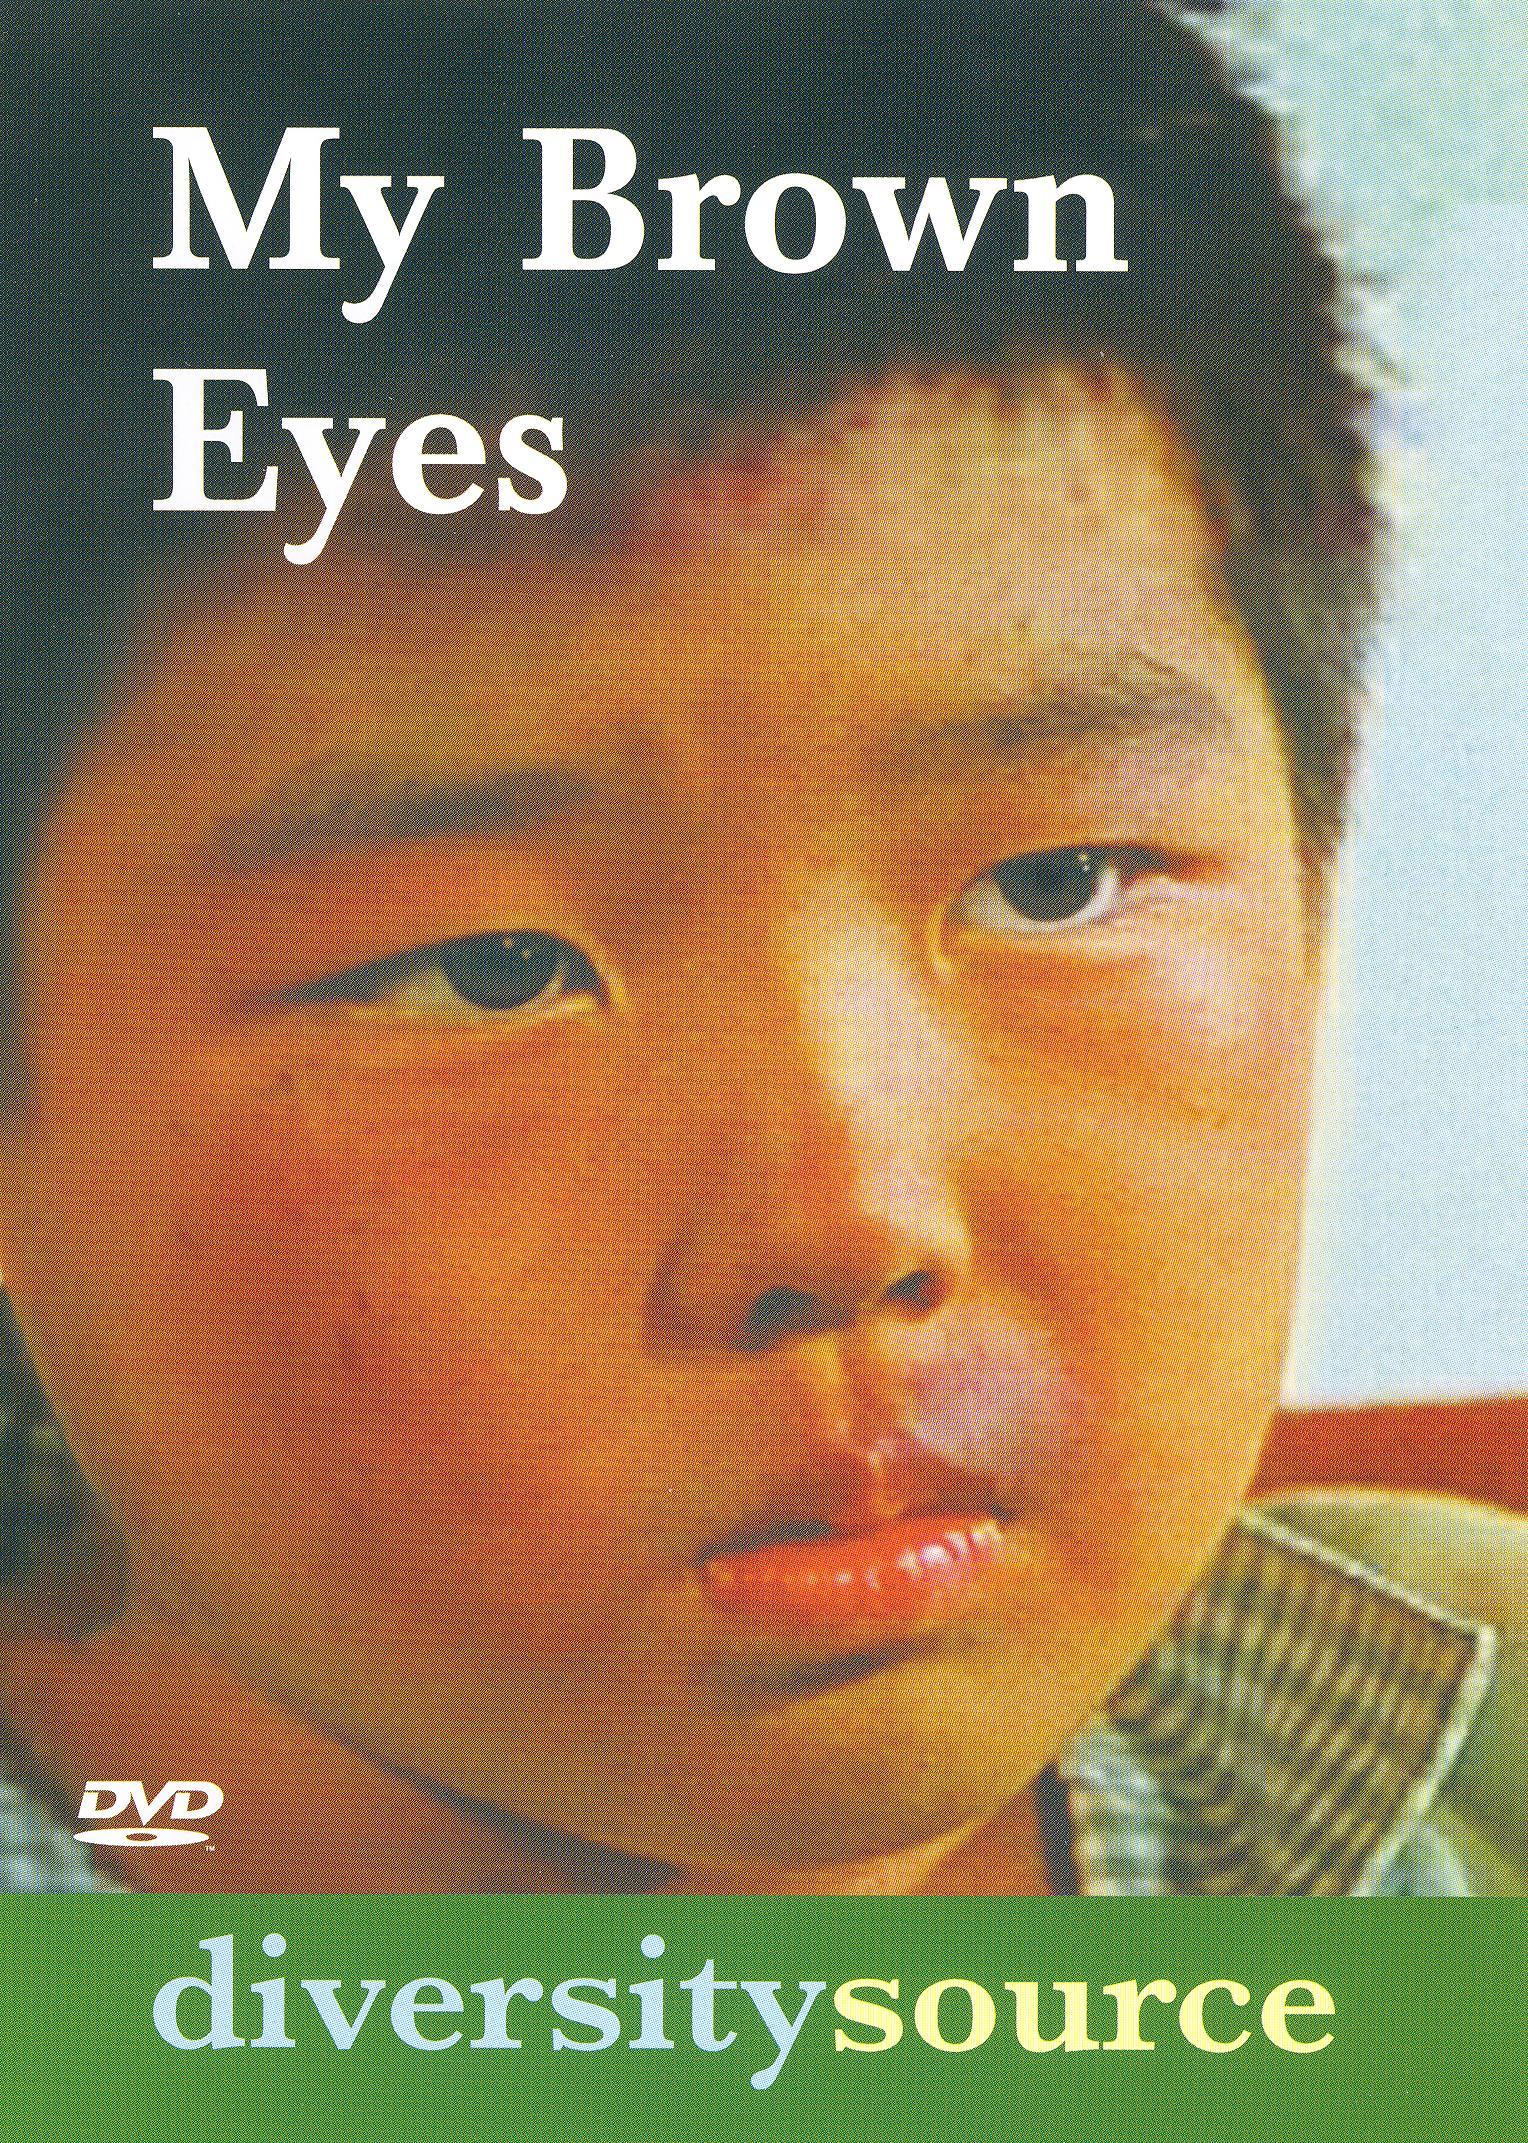 My Brown Eyes